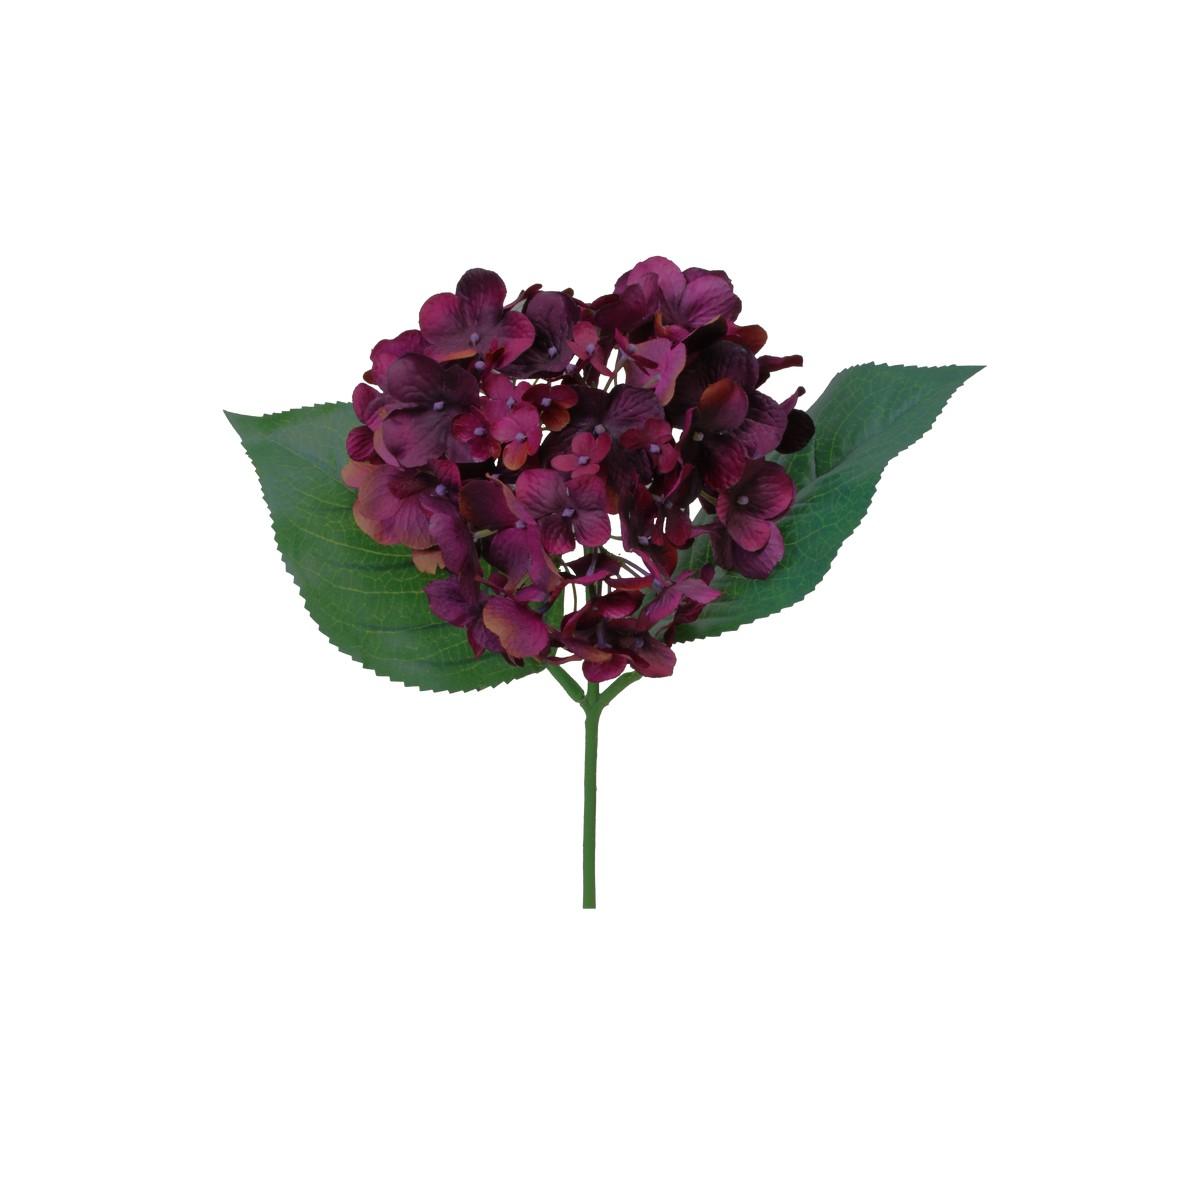 【造花】パレ/ハイドランジアピック プラム/P-8284-80|造花 バラ【01】【取寄】[12本]